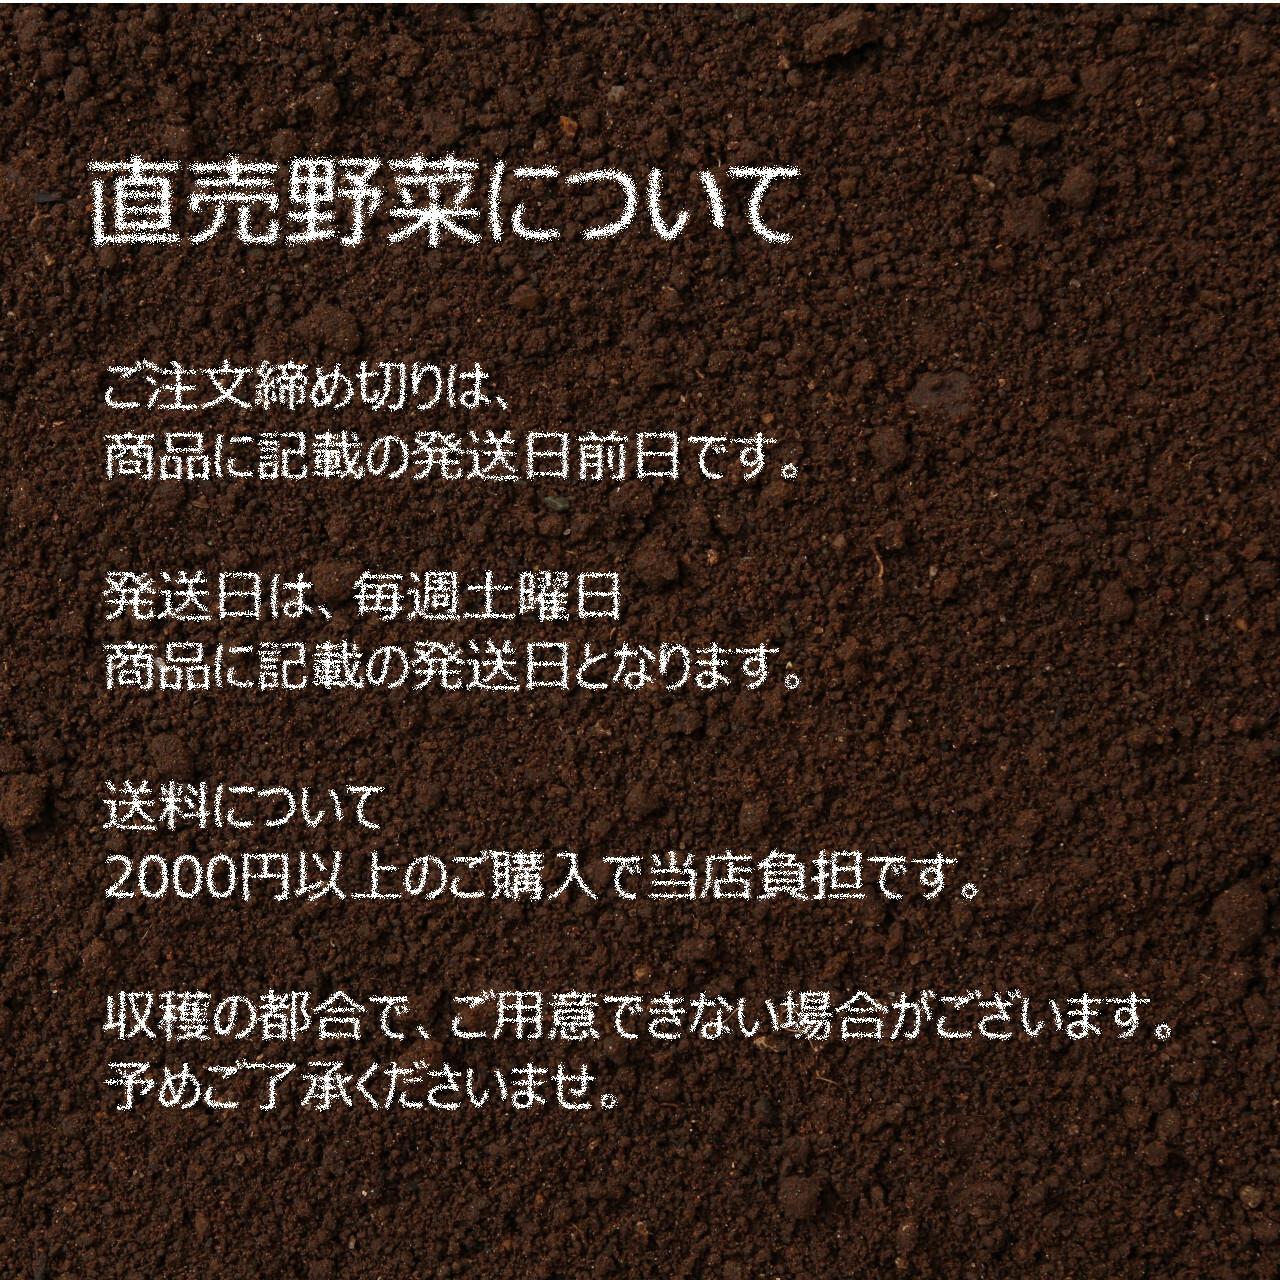 6月の朝採り直売野菜 : キュウリ 3~4本 春の新鮮野菜 6月20日発送予定